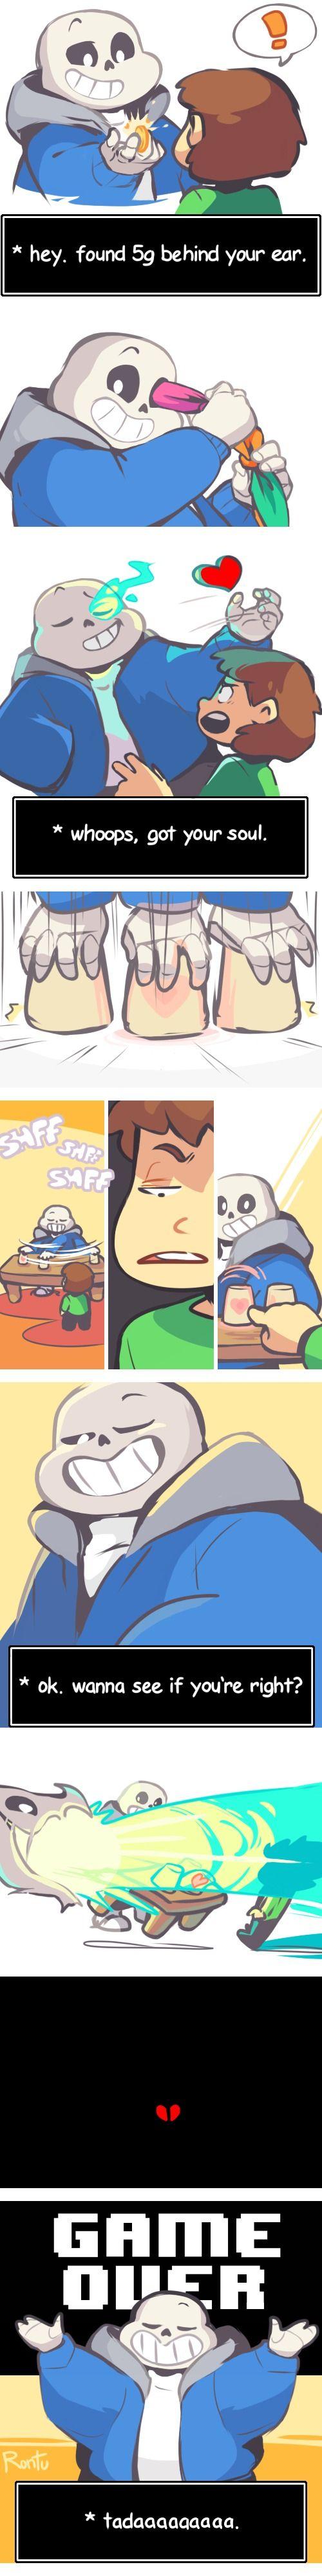 Sans and Chara - comic